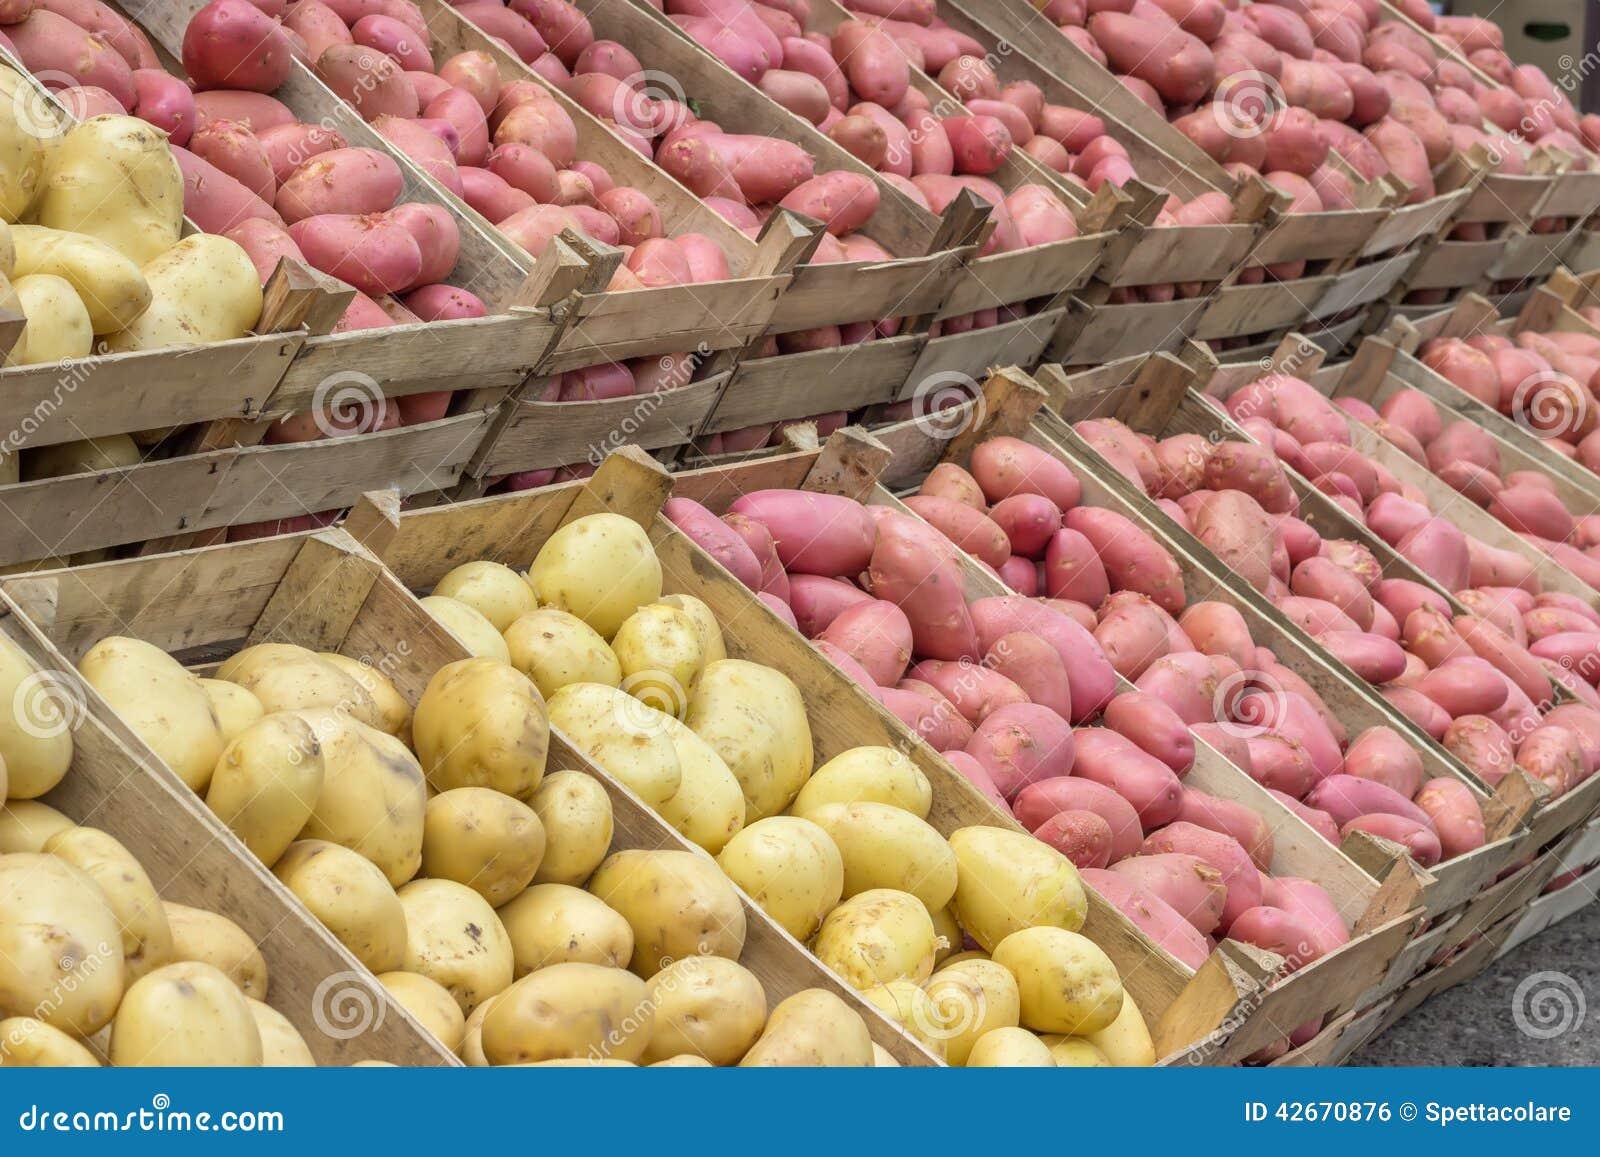 Prix Caisse A Pomme pommes de terre du marché d'agriculteurs dans caisses en